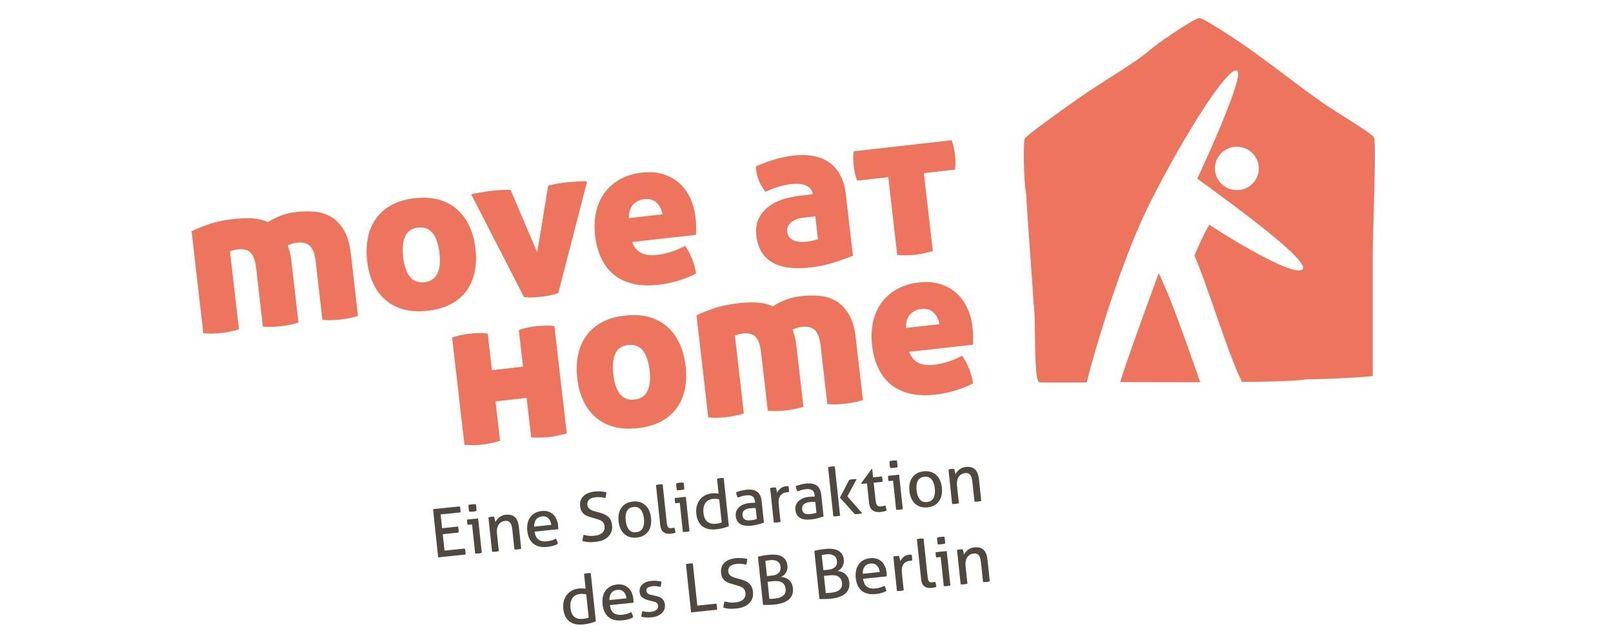 move_at_home_logo